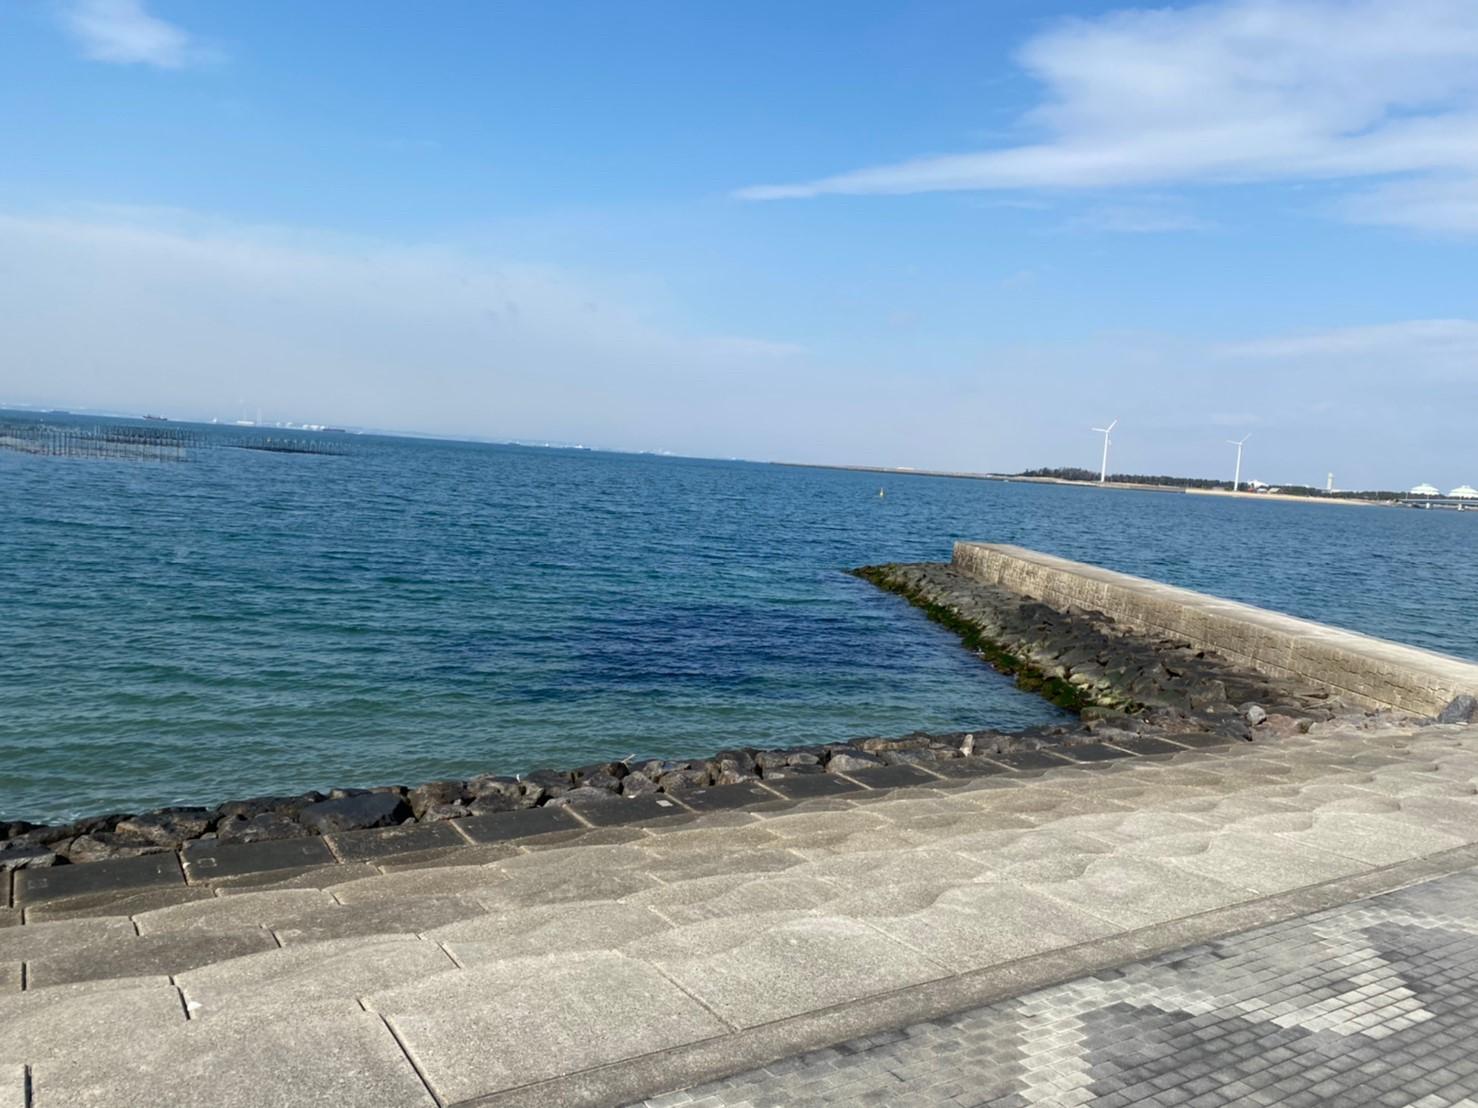 【ハゼとカレイのスポット】『大野漁港:おおのぎょこう』の釣り場ガイド(駐車場・釣れる魚)